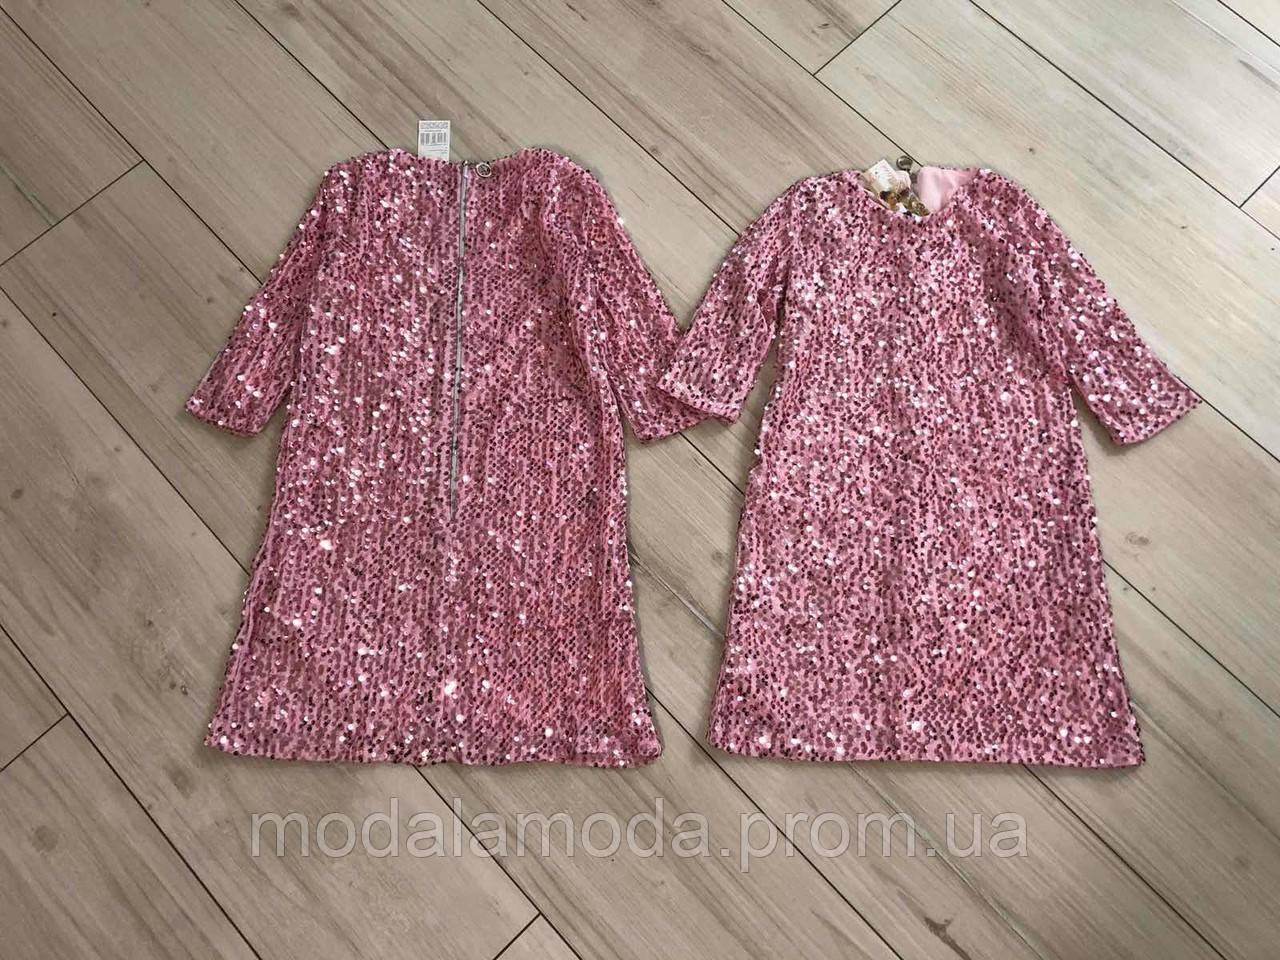 Платье праздничное на трикотажной основе